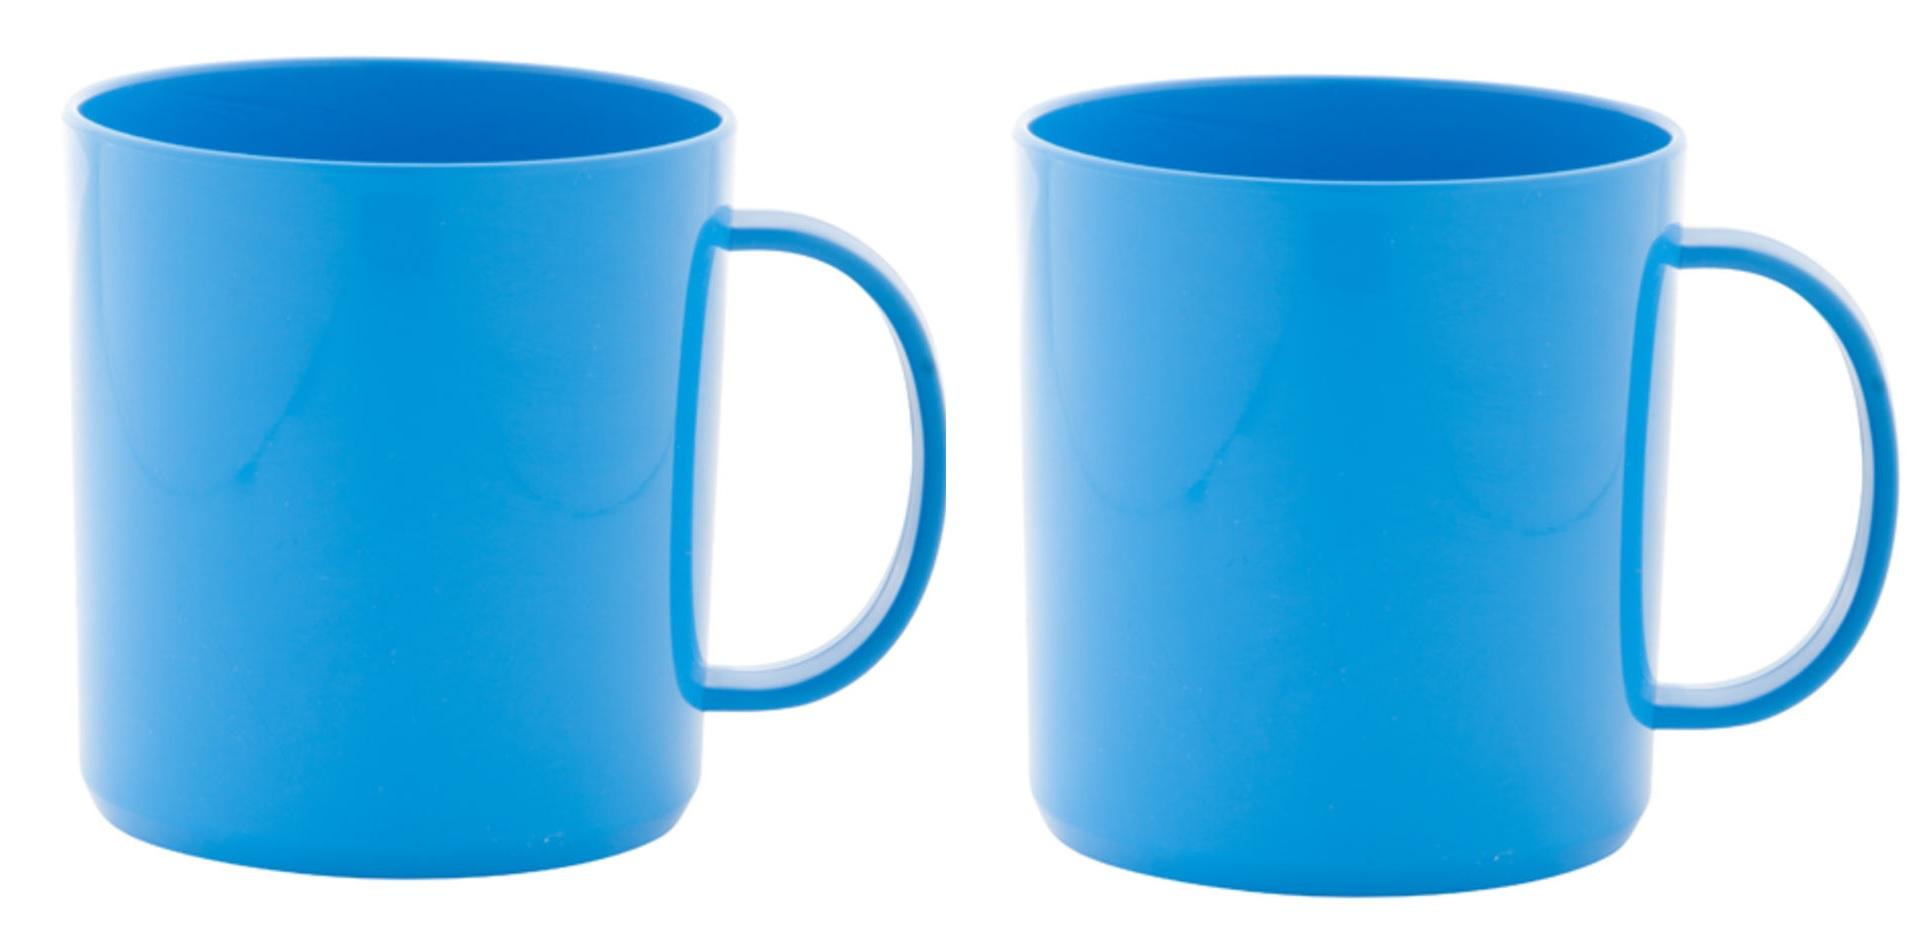 Харьковчан предупреждают об опасных пластиковых чашках из Китая